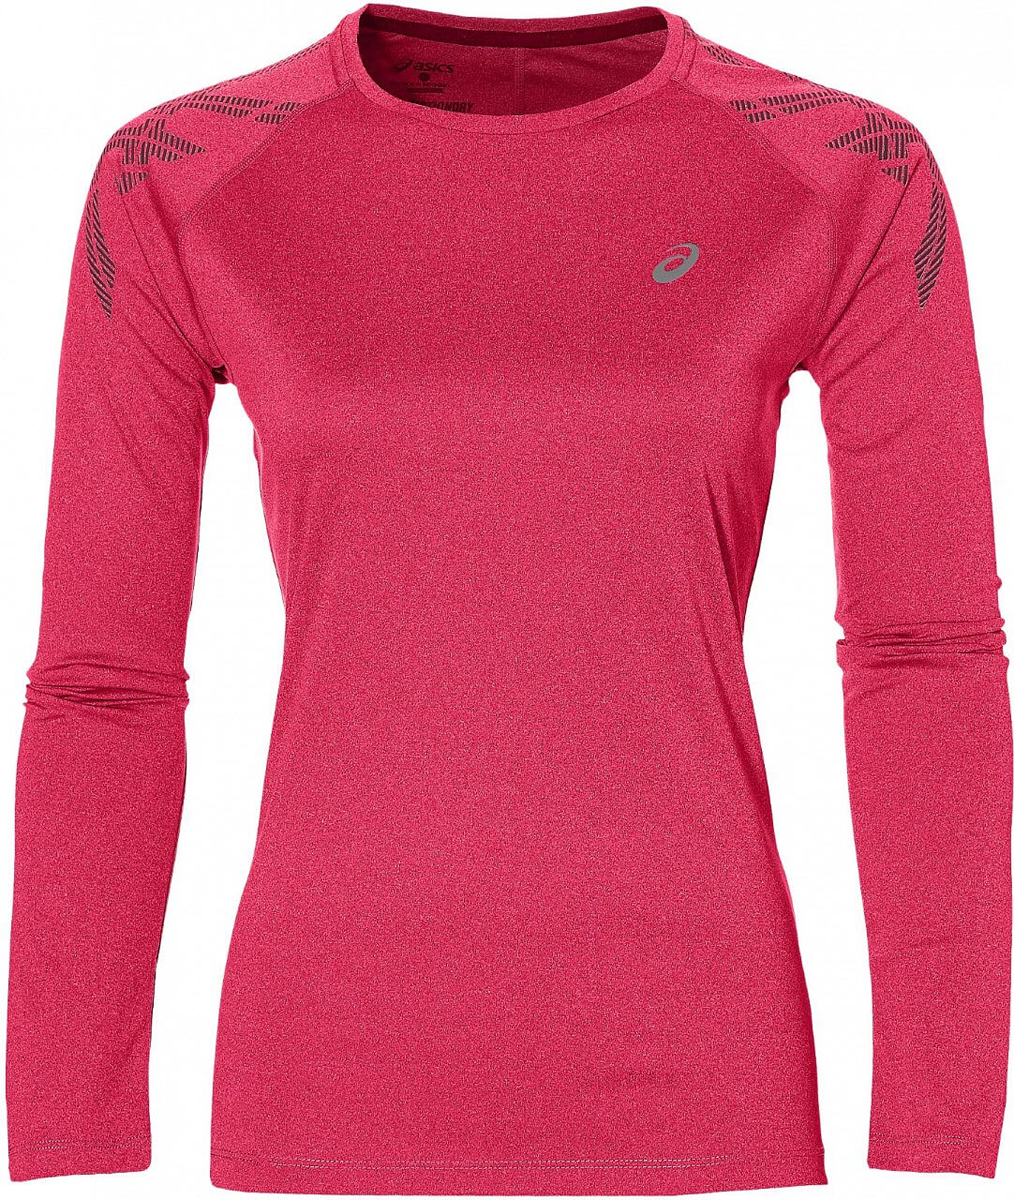 Лонгслив для бега женский Asics Asics Stripe LS Top, цвет: розовый. 146603-0699. Размер S (44/46)146603-0699Лонгслив от Asics предназначен специально для бега. Эта легкая беговая модель обеспечит вам безупречный комфорт и достижение высоких спортивных результатов благодаря мягкой, эластичной ткани, которая отводит влагу и поддерживает тело сухим. Плоские швы не натирают кожу и обеспечивают полный комфорт. Фасон рукавов-реглан элегантен и создает свободу движений. Лонгслив декорирован логотипом. Максимальный комфорт и уникальный спортивный образ!